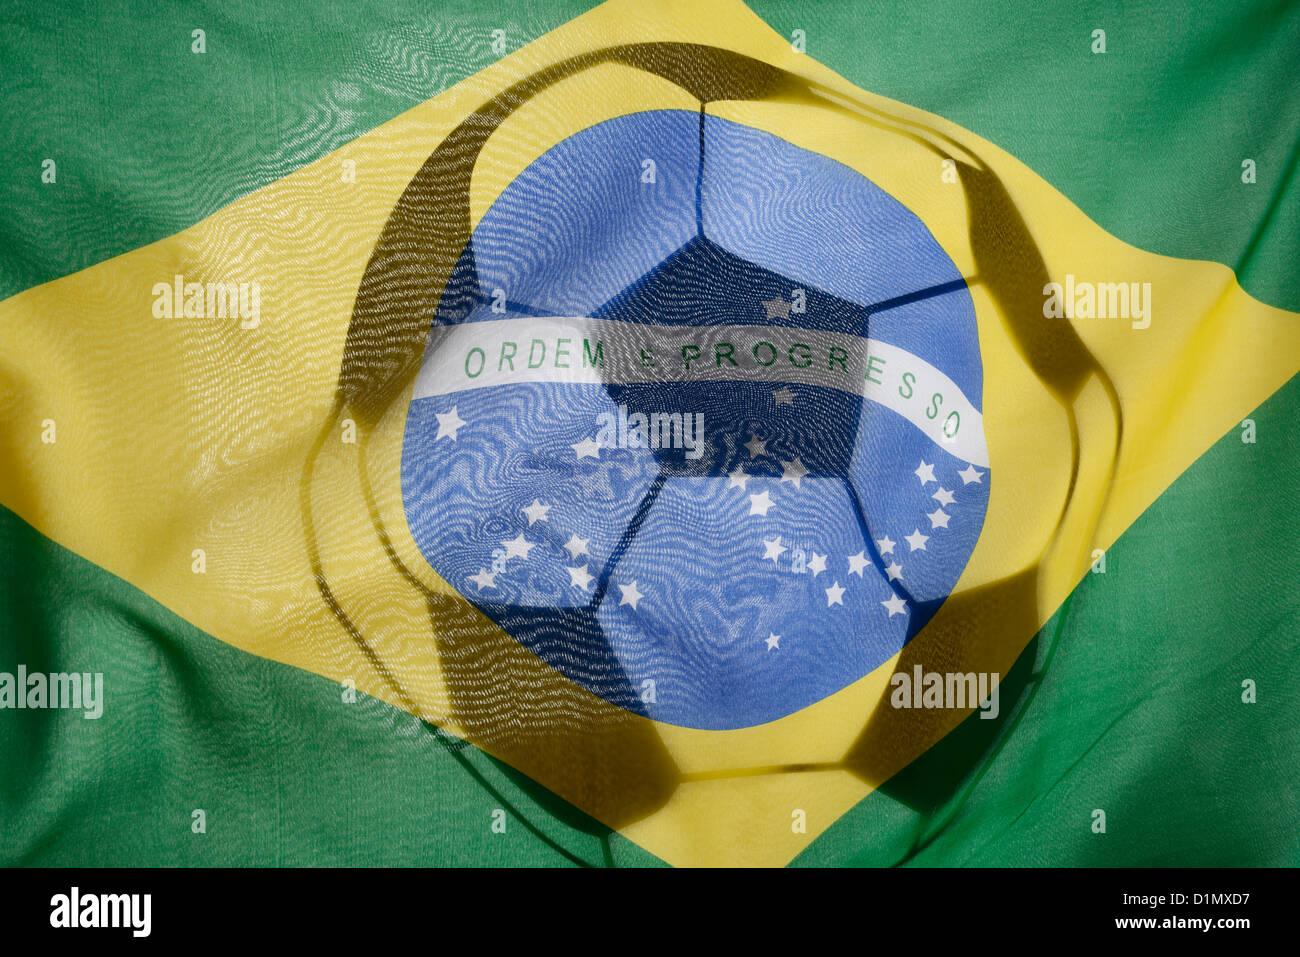 Brazillian flag and football flag - Stock Image